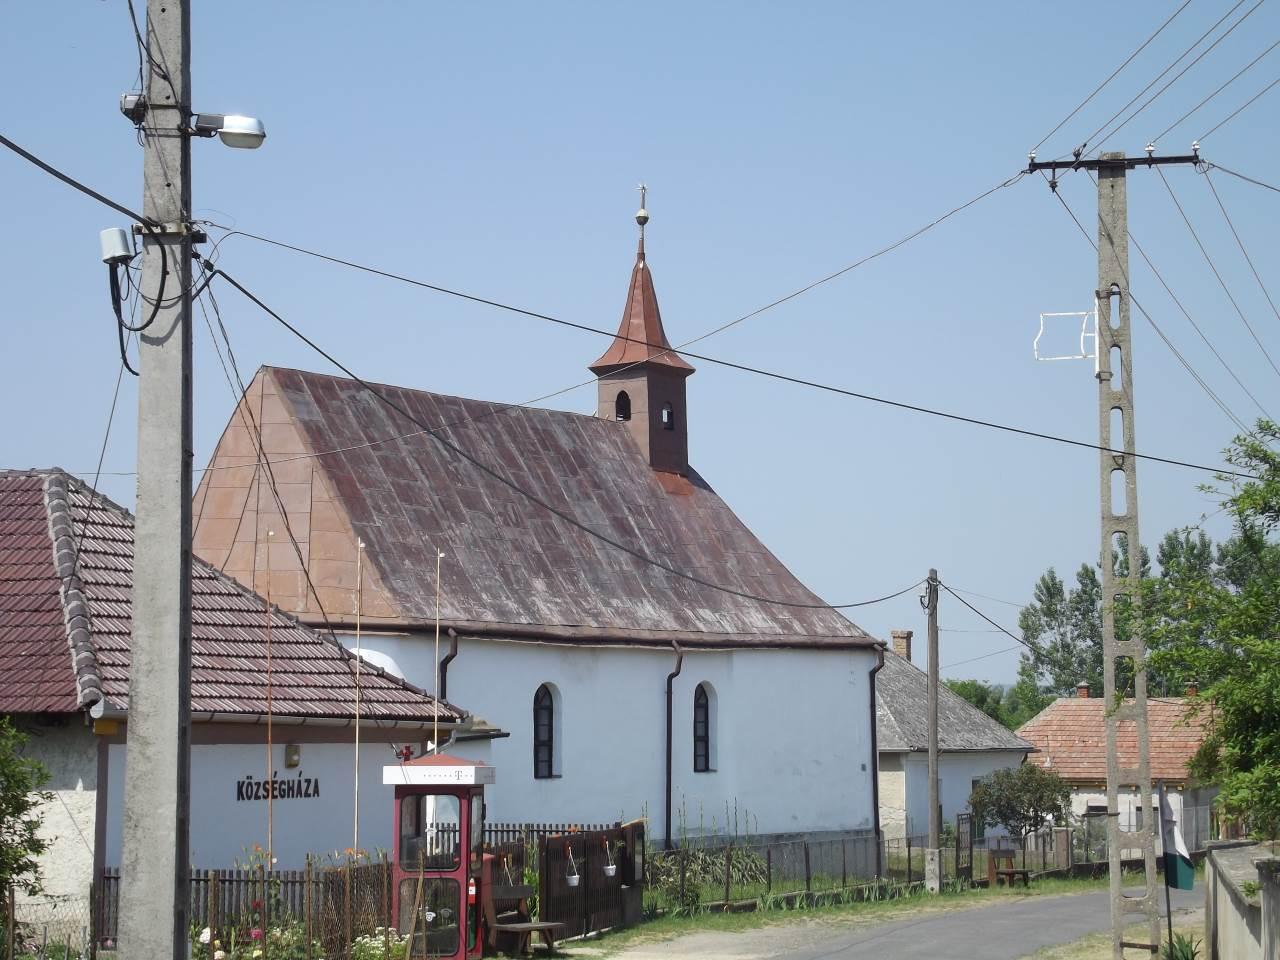 templomkivul